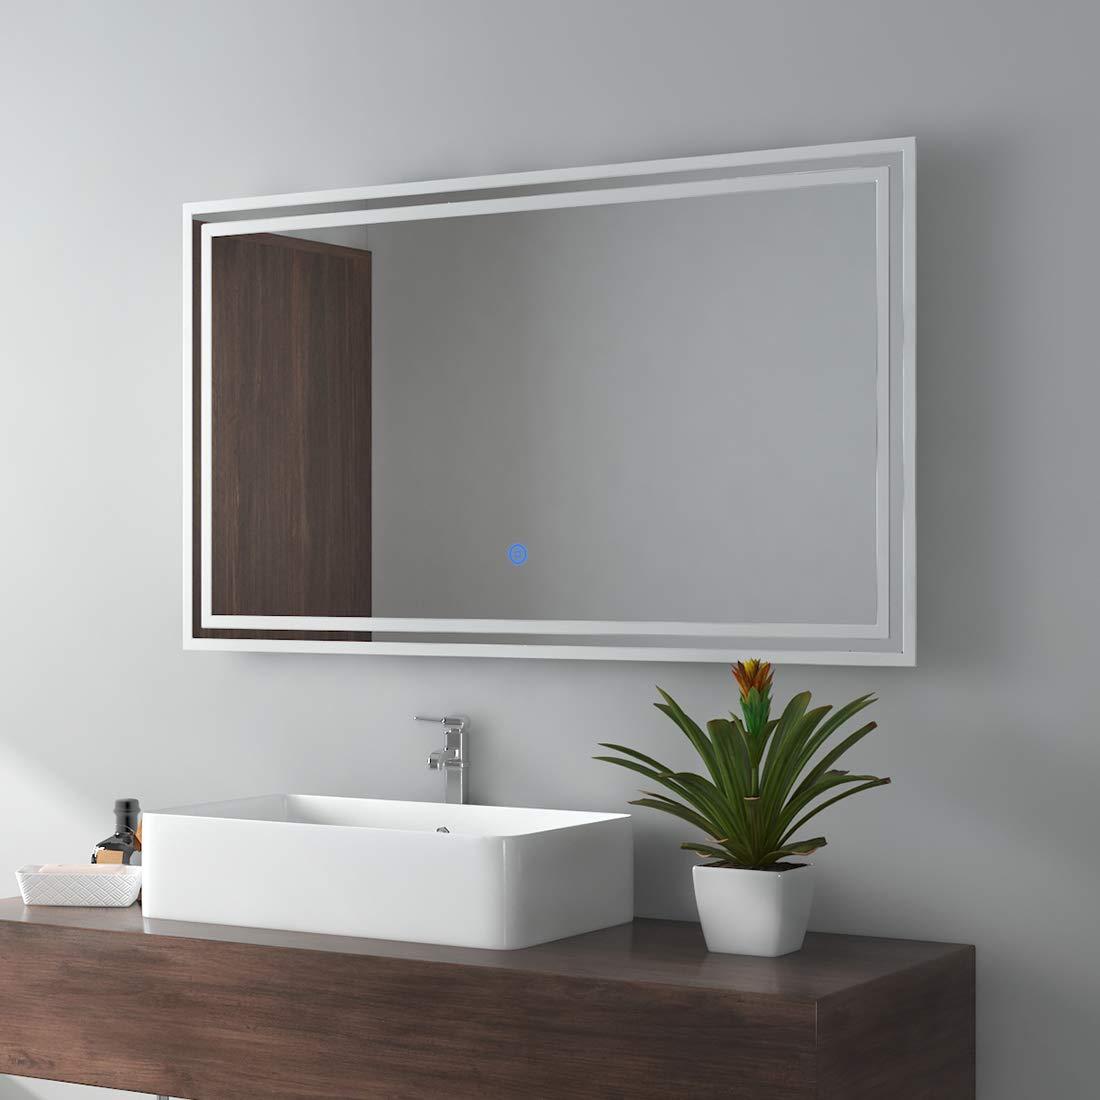 Touch-Schalter LED Badspiegel 80x60cm Beleuchtung Badezimmerspiegel Wandspiegel mit Bluetooth 4.1 Lautsprecher Beschlagfrei Uhr